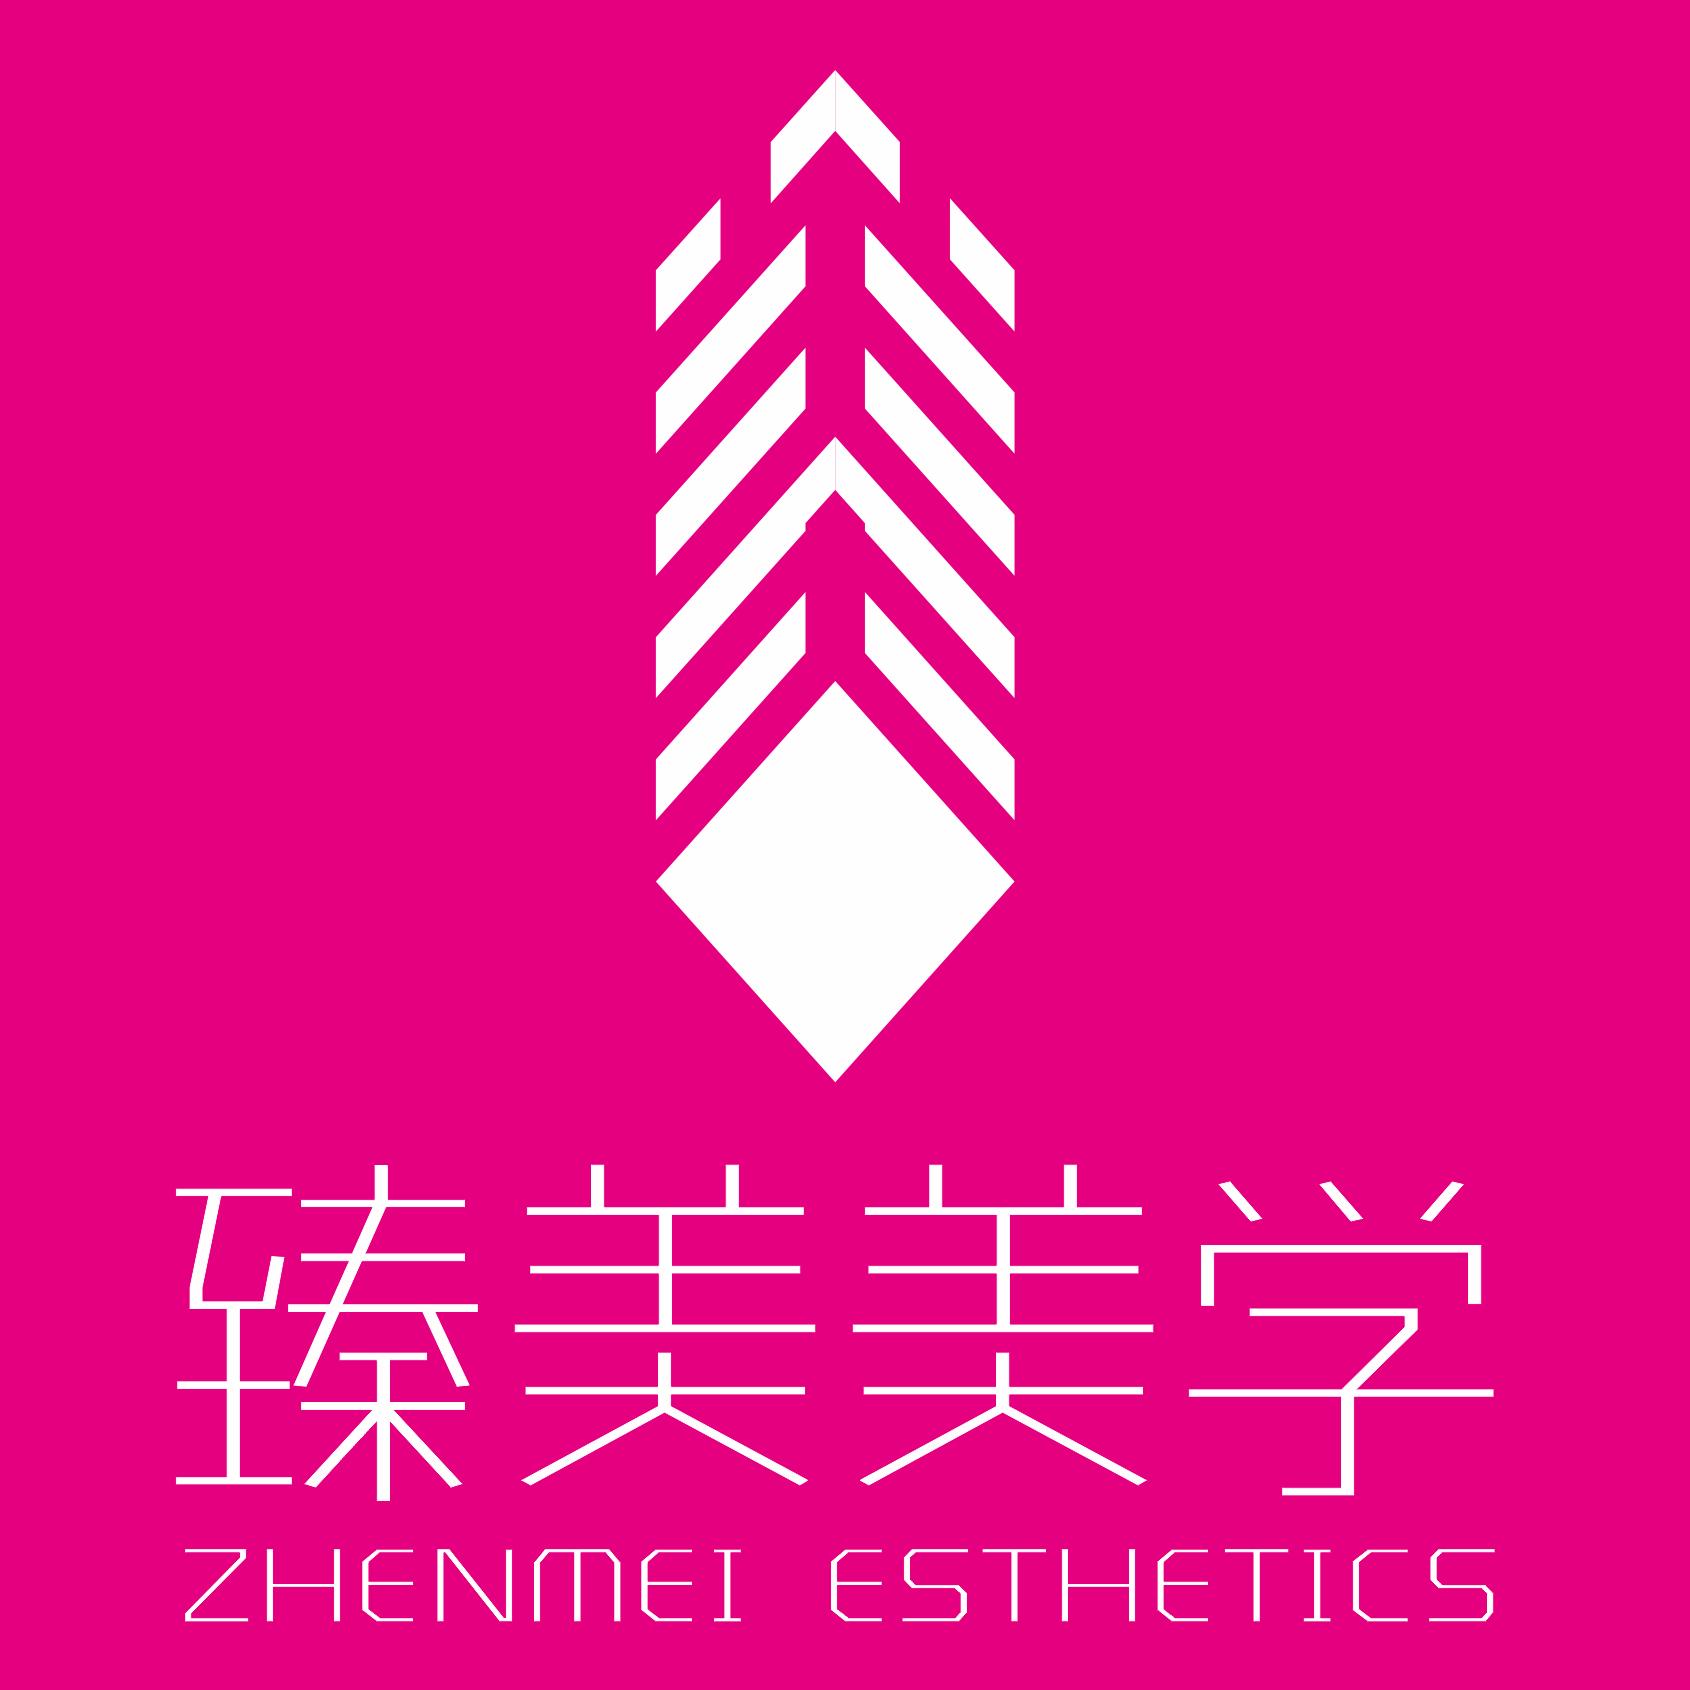 【臻尚匯美】桂林臻尚匯美教育科技有限公司招聘:公司標志 logo